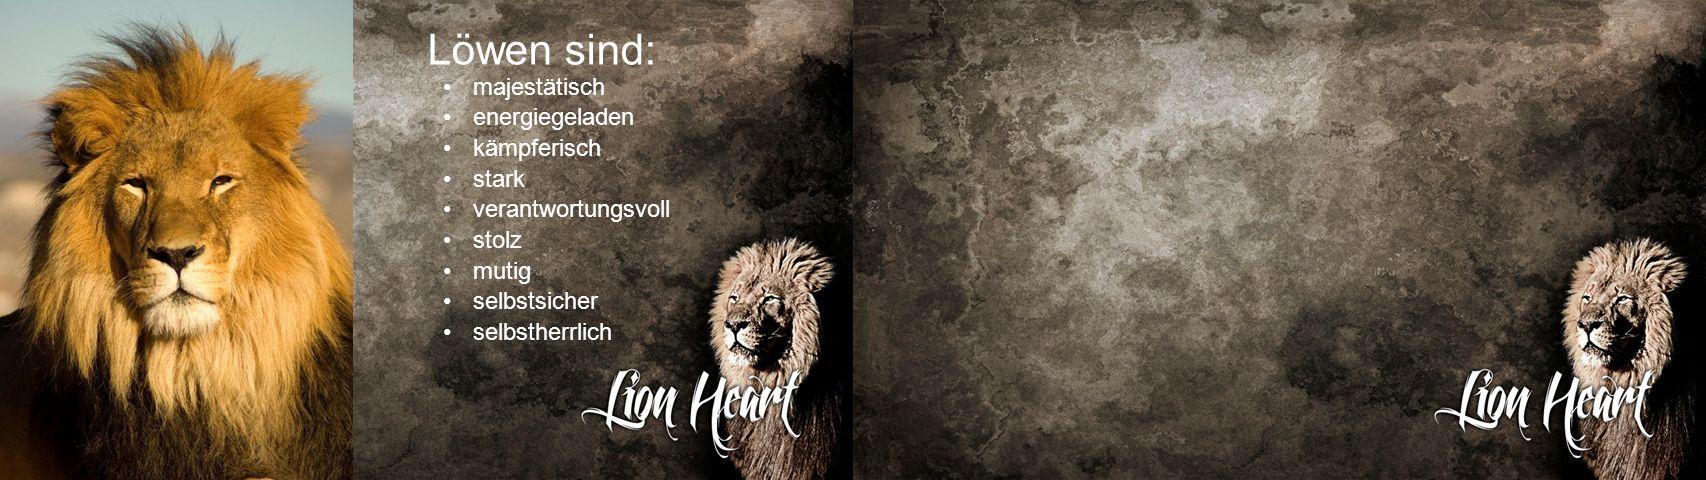 Löwen sind: majestätisch energiegeladen kämpferisch stark verantwortungsvoll stolz mutig selbstsicher selbstherrlich